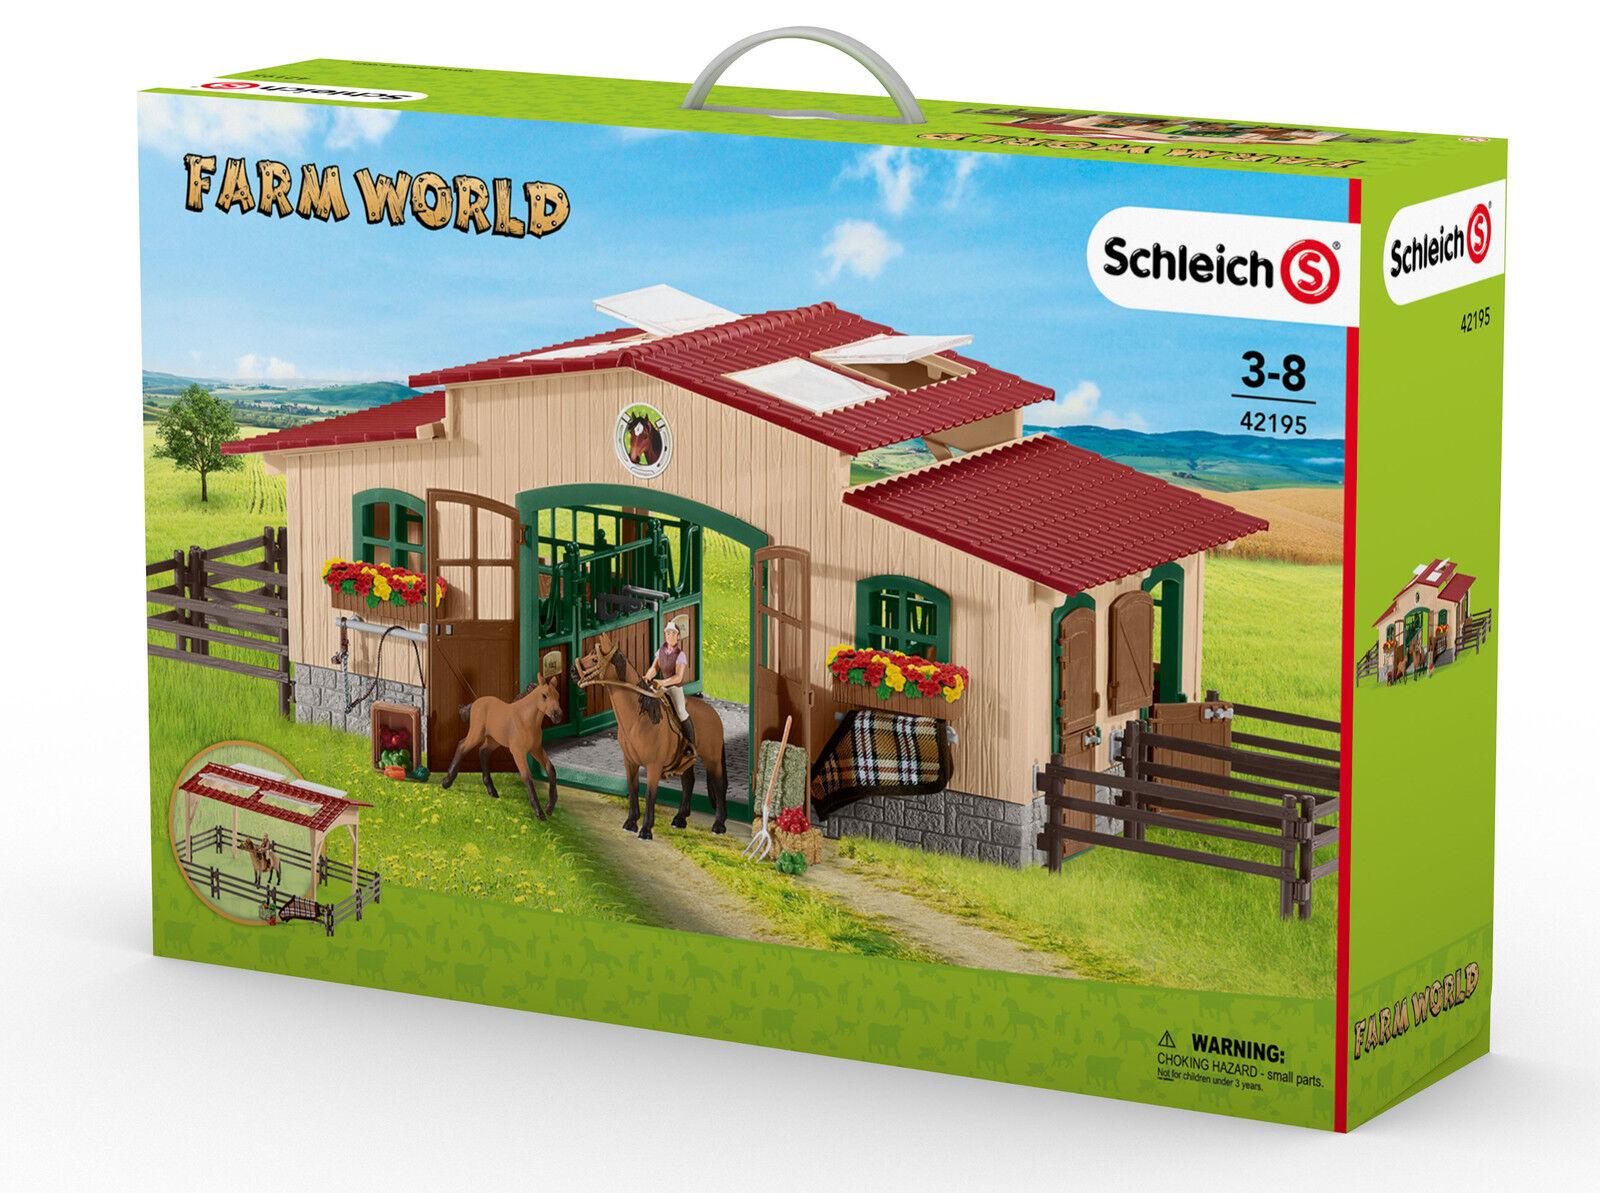 hermoso Schleich granja World. World. World. 42195 cuadra con caballos y accesorios nuevos  barato y de alta calidad